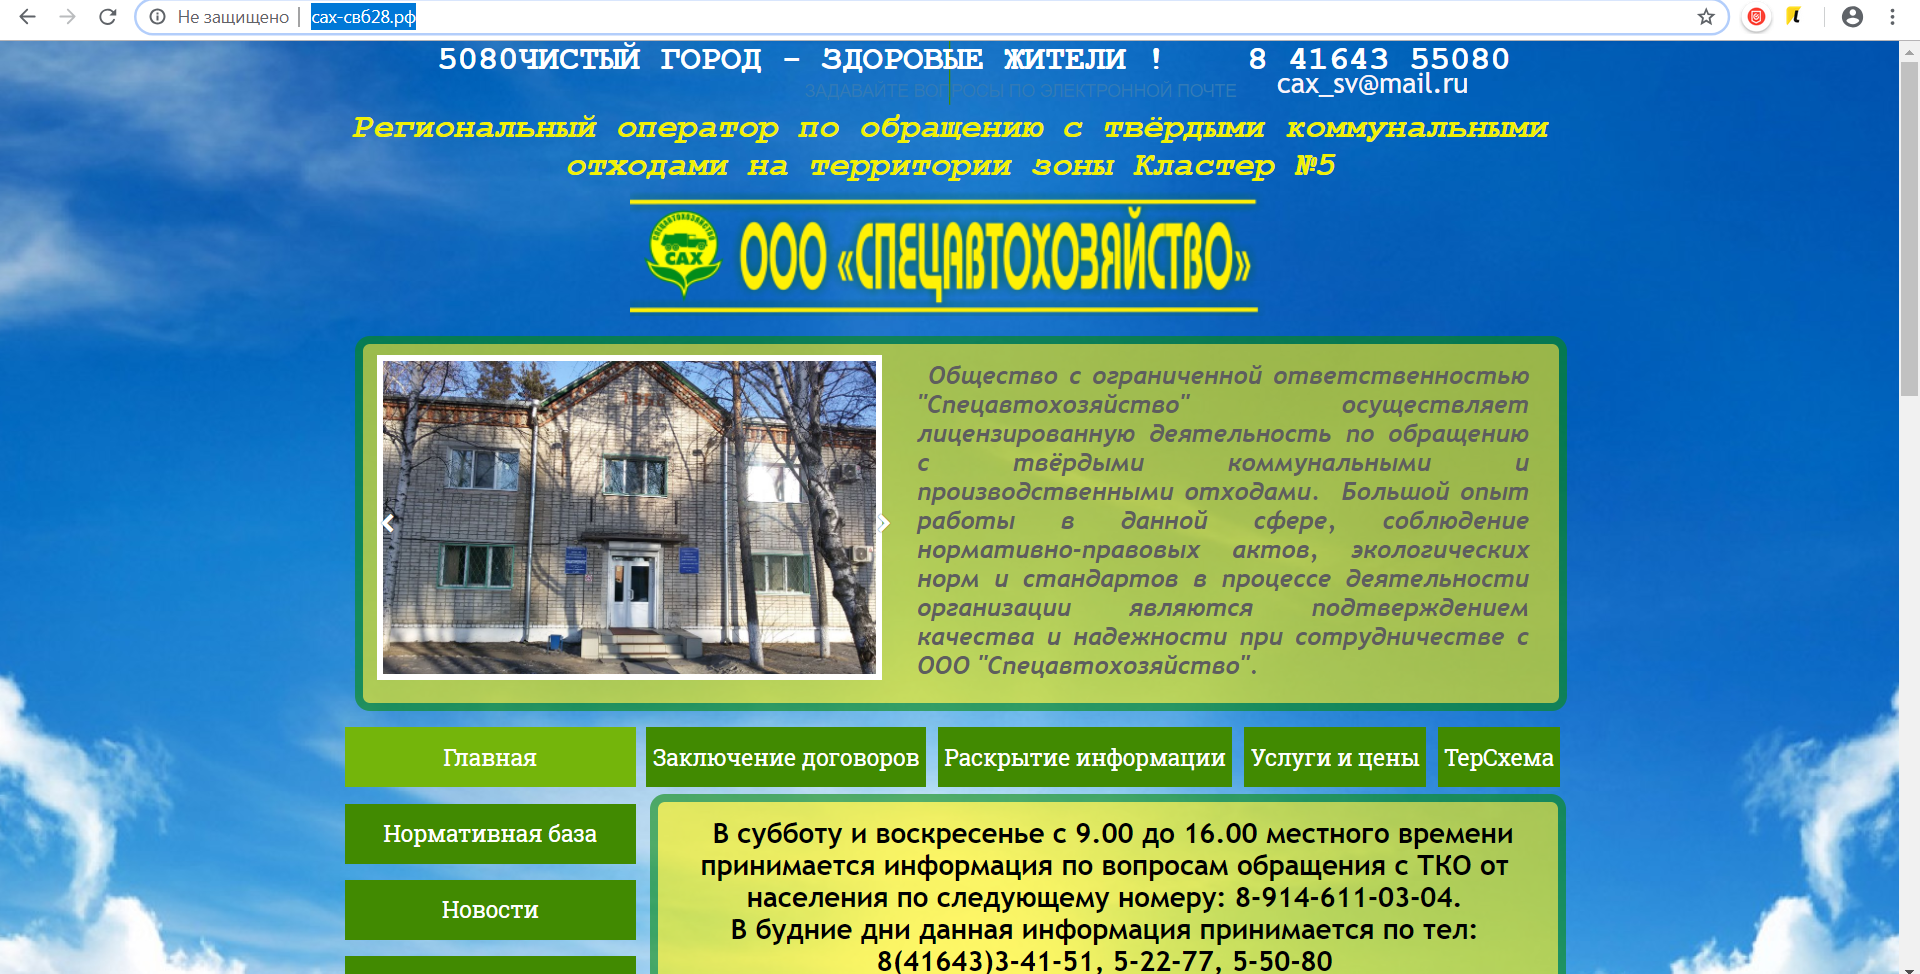 Региональный оператор ТКО Амурская область